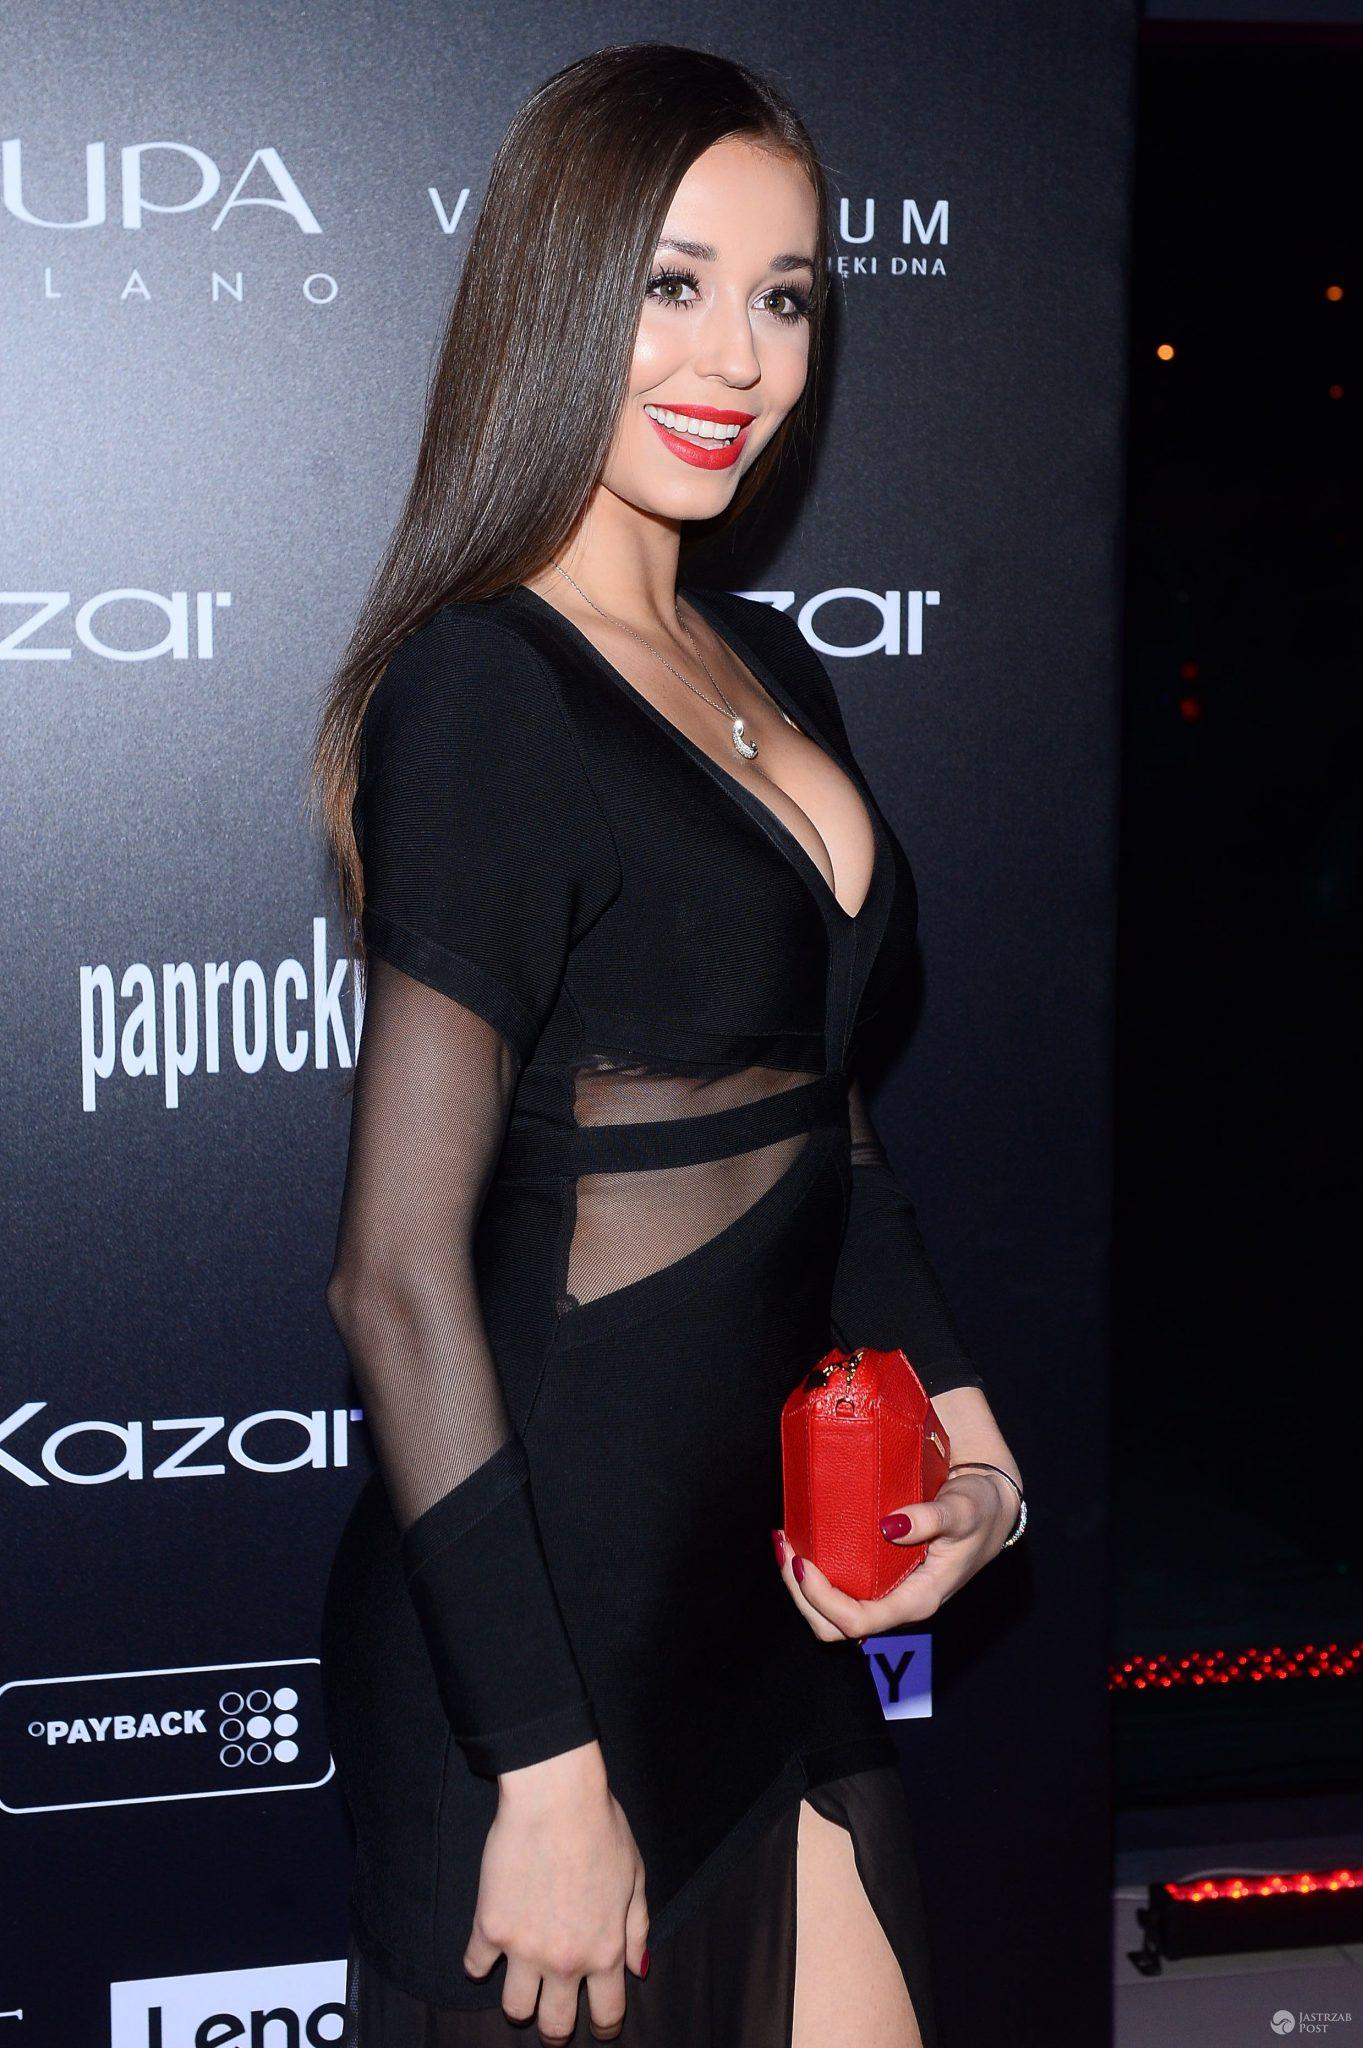 Izabella Krzan - Pokaz Paprocki & Brzozowski i Kazar 2017